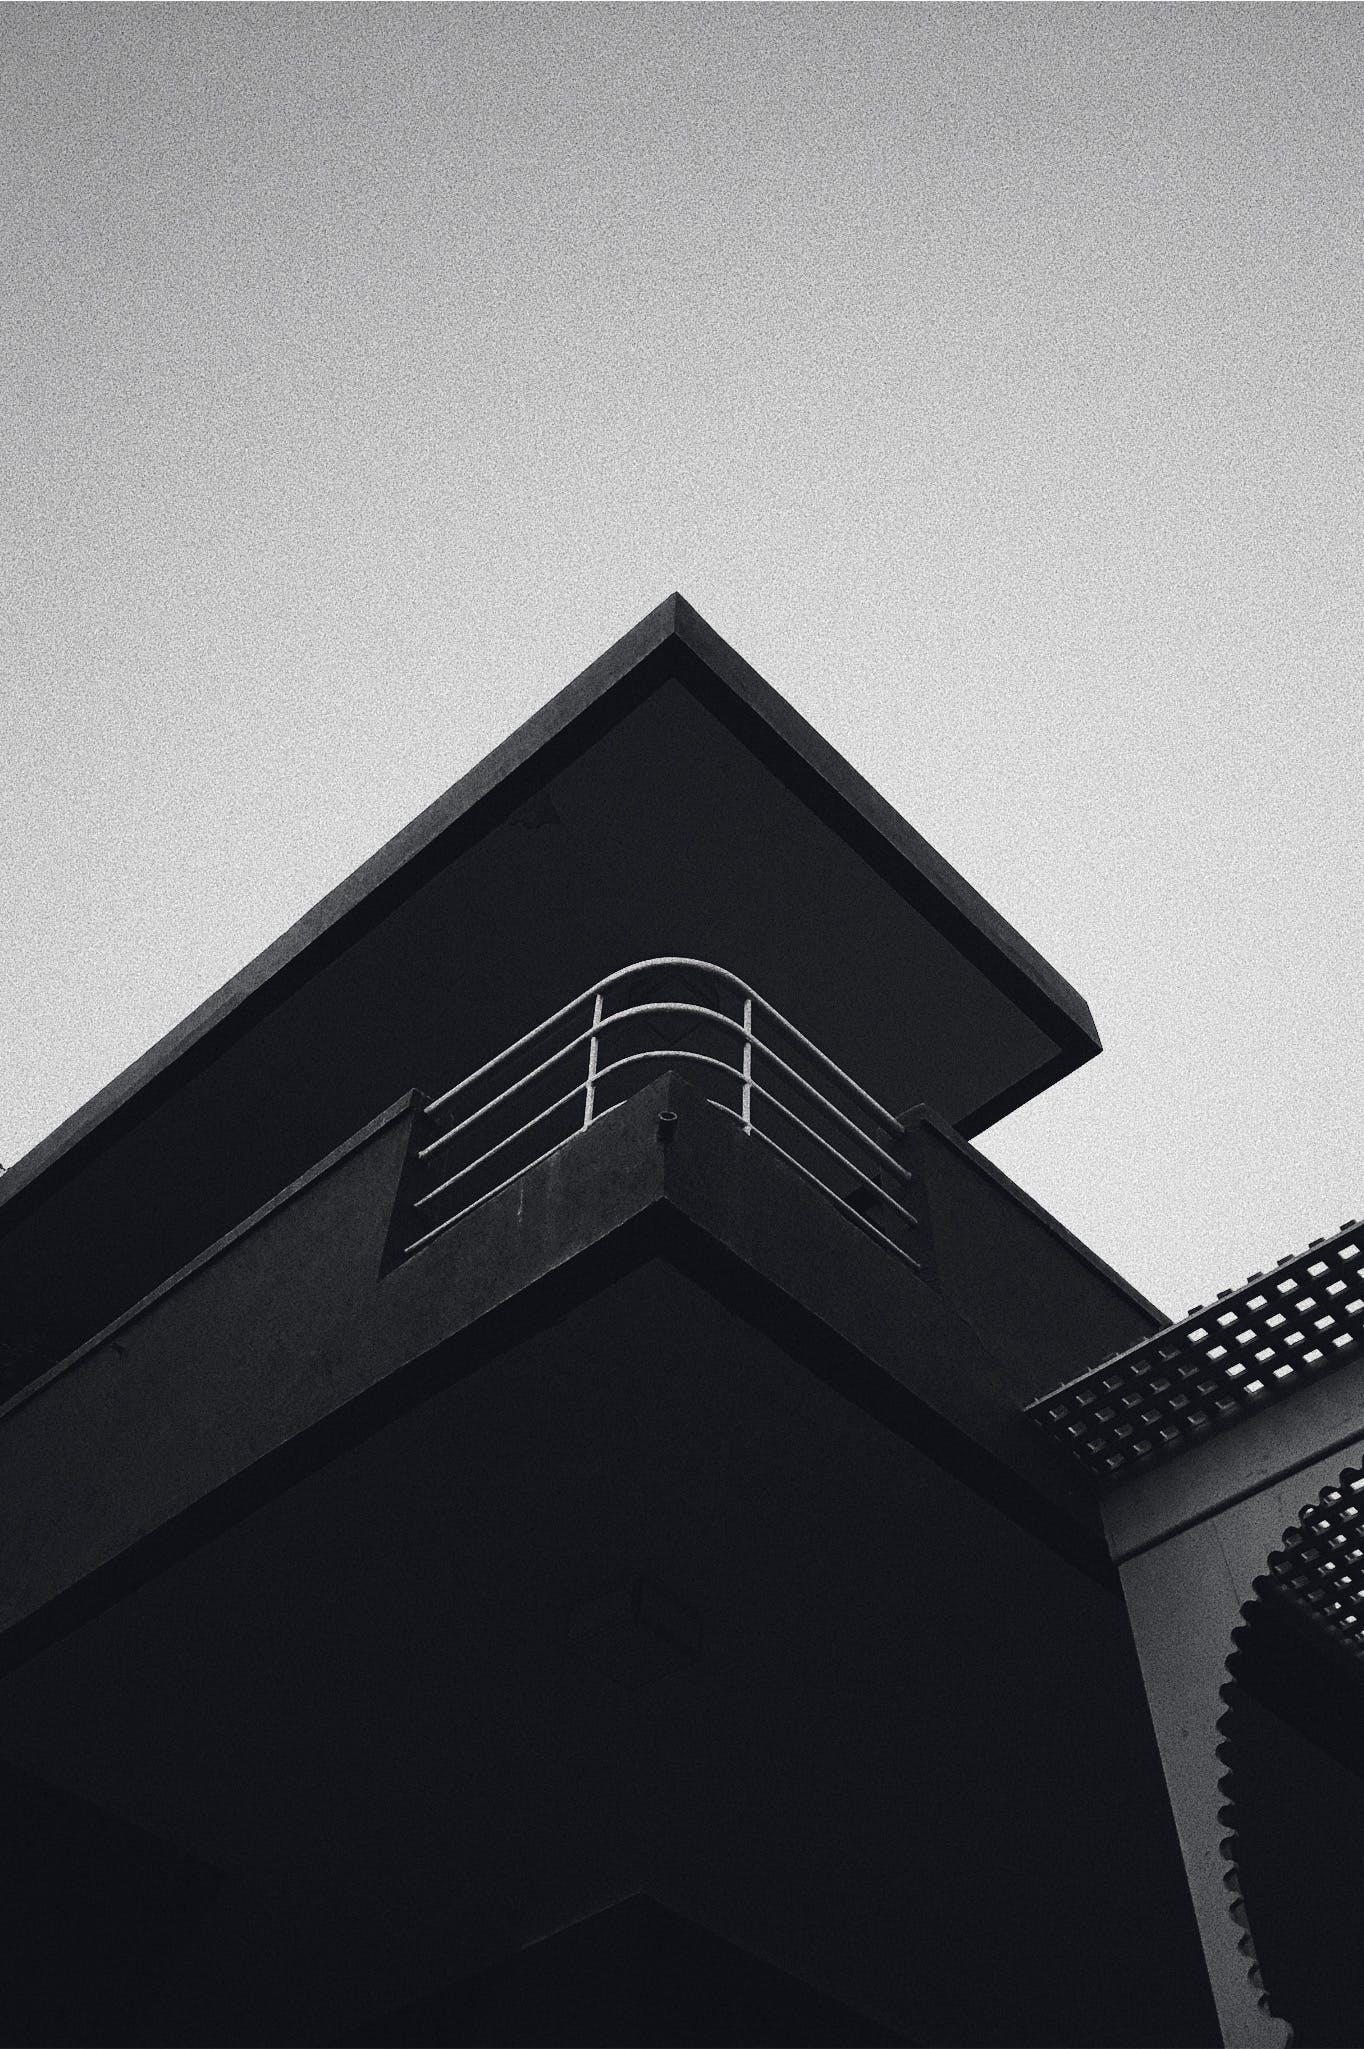 Kostenloses Stock Foto zu architektur, architekturdesign, froschperspektive, gebäude